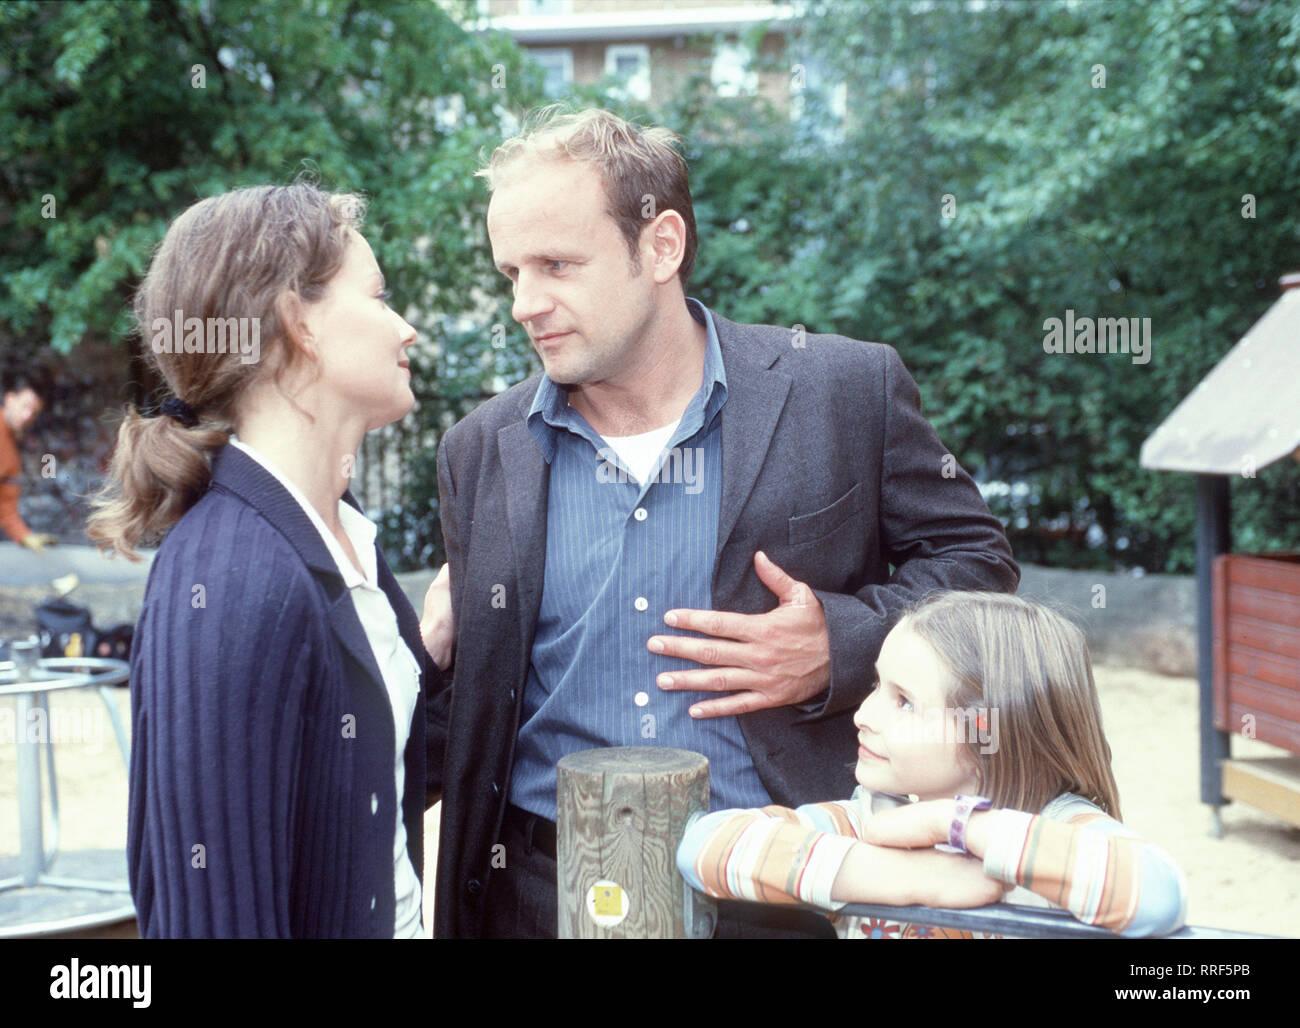 DER ERMITTLER- Szene: Die Ehe mit seiner Frau Carola (CARINA WIESE) ist für Paul Zorn (OLIVER STOKOWSKI) in die Brüche gegangen, weil sie sich auseinandergelebt haben. Bindeglied zwischen den beiden ist immer wieder ihre kleine Tochter Hanna (CHARLOTTE BELLMANN).  Regie: Michael Mackenroth / Überschrift: DER ERMITTLER / Deutschland 2000 Stock Photo